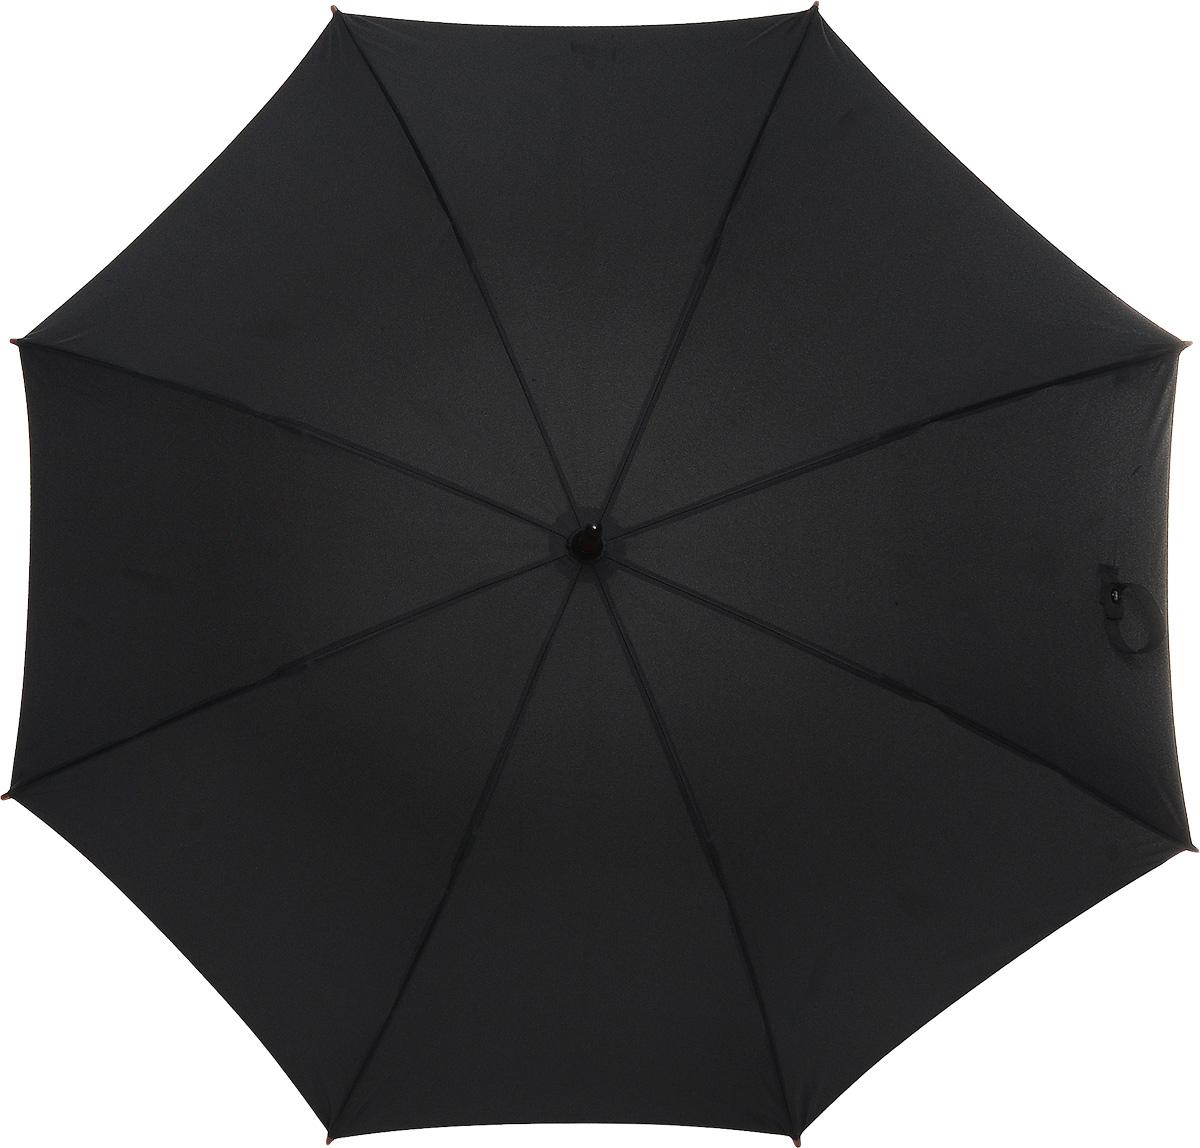 Зонт-трость женский Fulton Kensington, механический, цвет: черный. L776-0145102176/33205/7900XМодный механический зонт-трость Fulton Kensington даже в ненастную погоду позволит вам оставаться стильной и элегантной. Каркас зонта состоит из 8 спиц и стержня из фибергласса. Купол зонта выполнен из прочного полиэстера. Изделие оснащено удобной рукояткой из дерева.Зонт механического сложения: купол открывается и закрывается вручную до характерного щелчка.Модель закрывается при помощи двух хлястиков на кнопках.Такой зонт не только надежно защитит вас от дождя, но и станет стильным аксессуаром, который идеально подчеркнет ваш неповторимый образ.